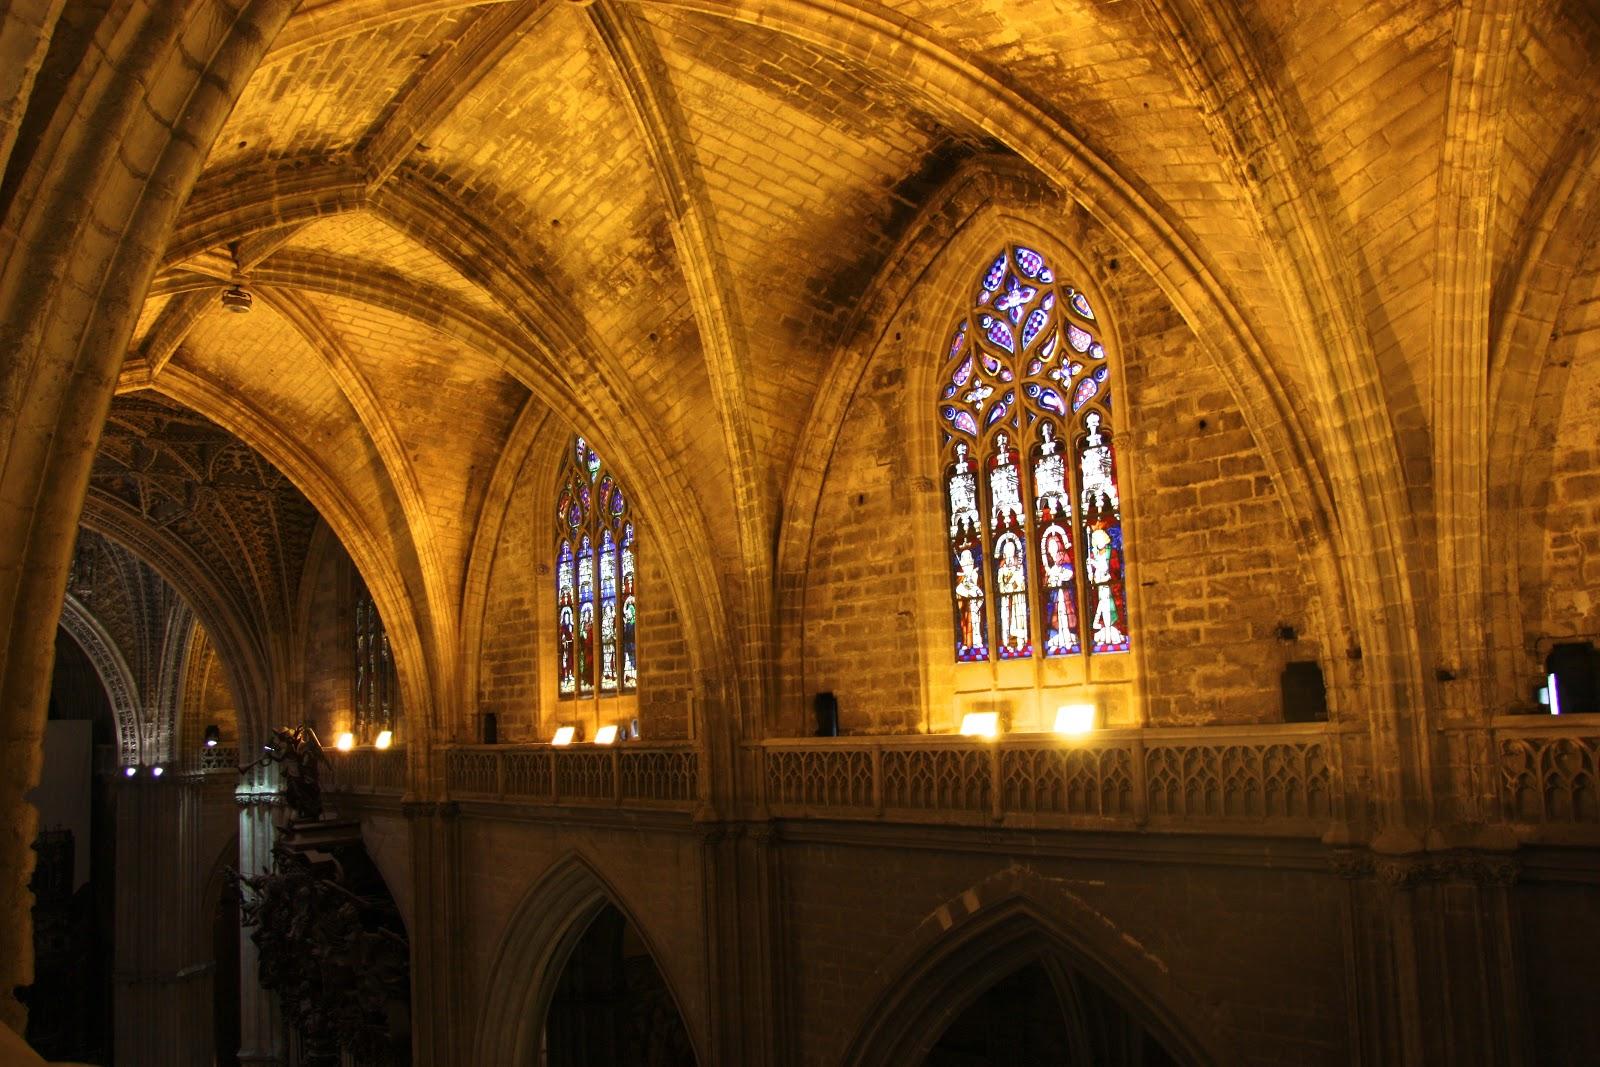 Un paseo por las cubiertas de la catedral de sevilla el - Catedral de sevilla interior ...